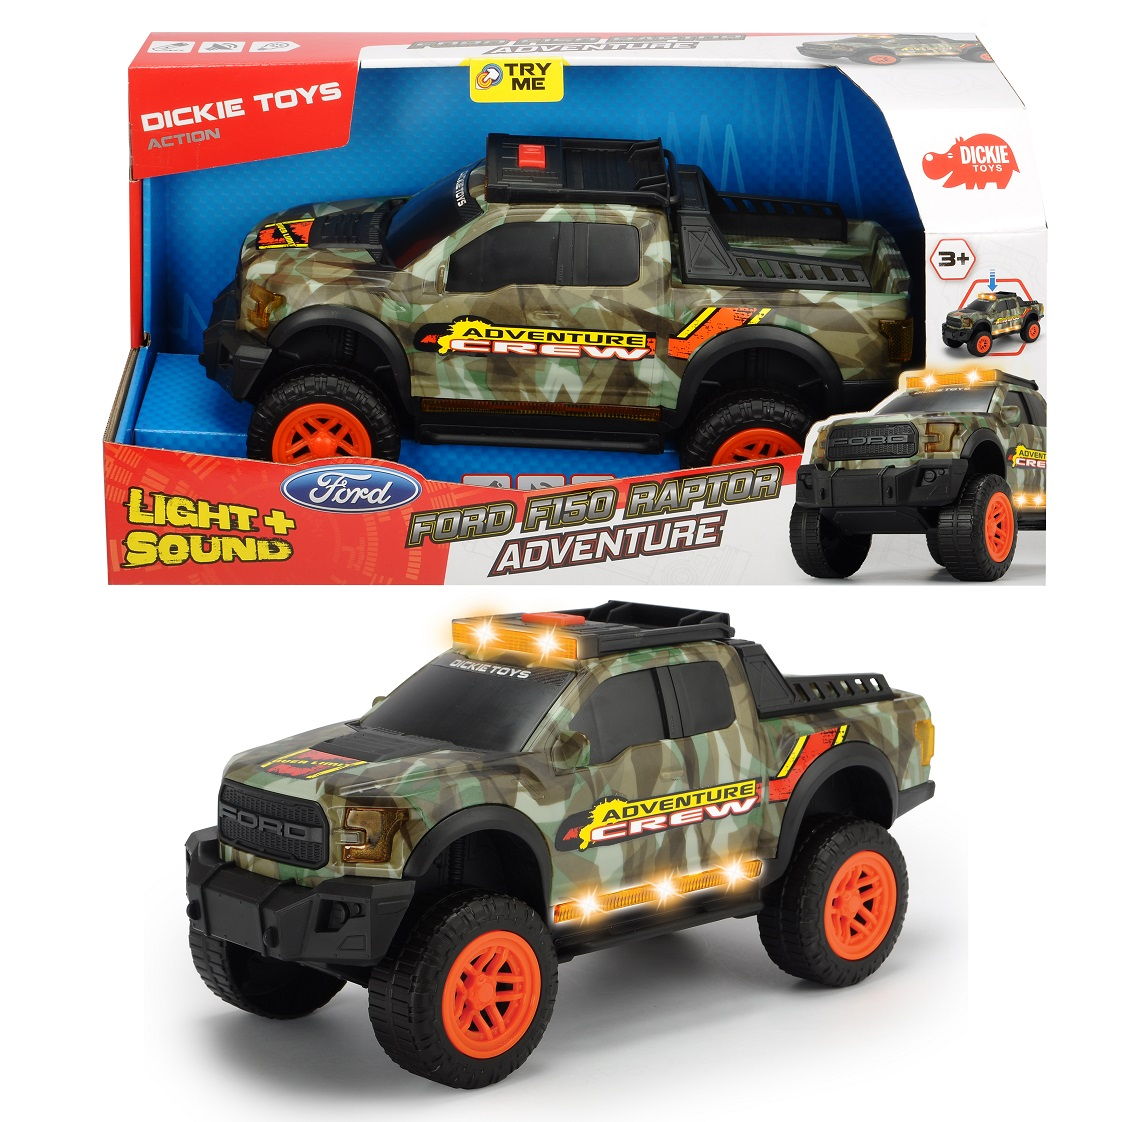 Купить Машинка Adventure Ford F150 Raptor, уникальный камуфляж, свет, звук, музыка, свободный ход, 33 см., Dickie Toys